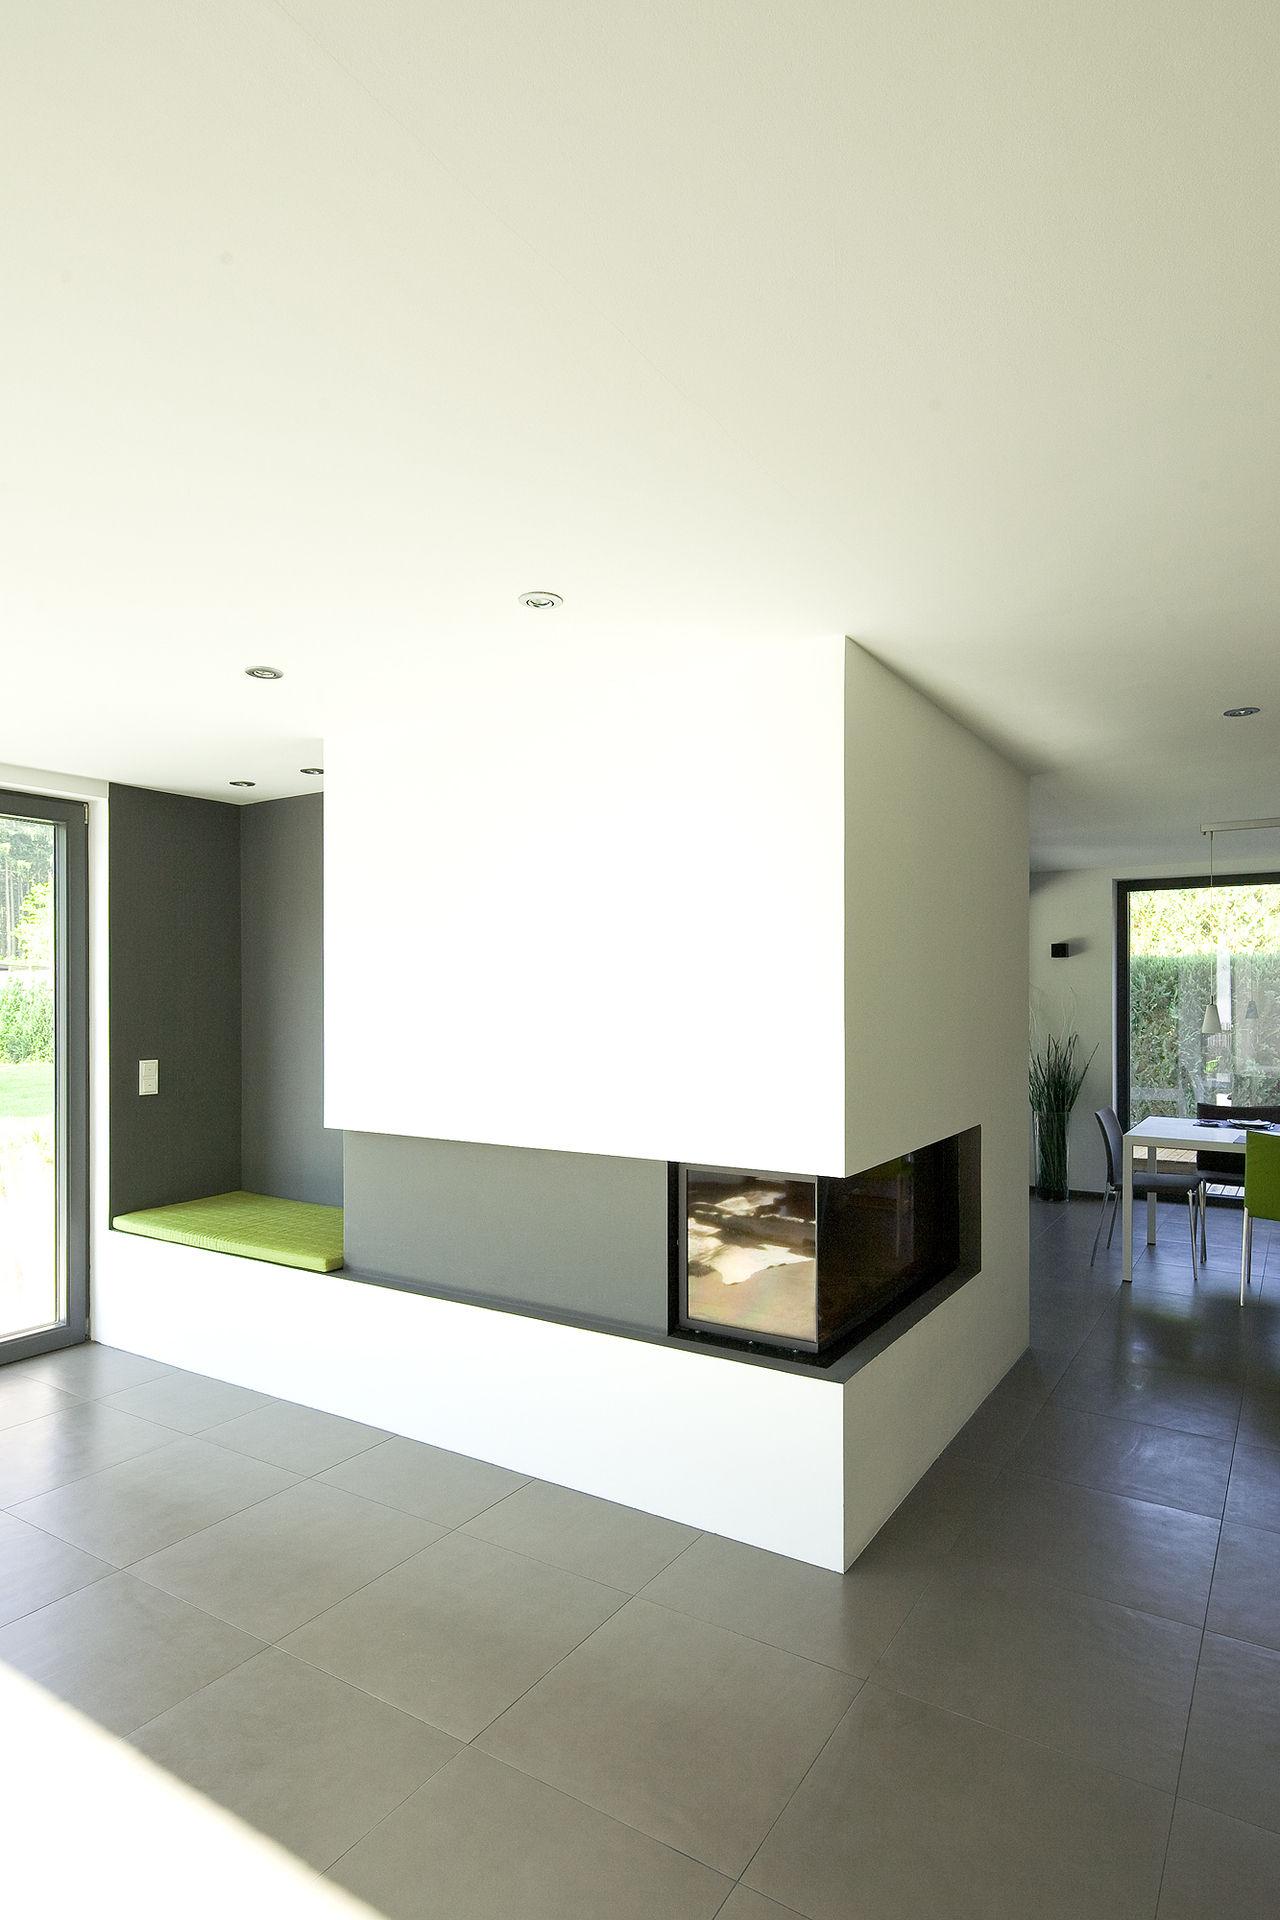 esszimmer mit eck kamin. Black Bedroom Furniture Sets. Home Design Ideas